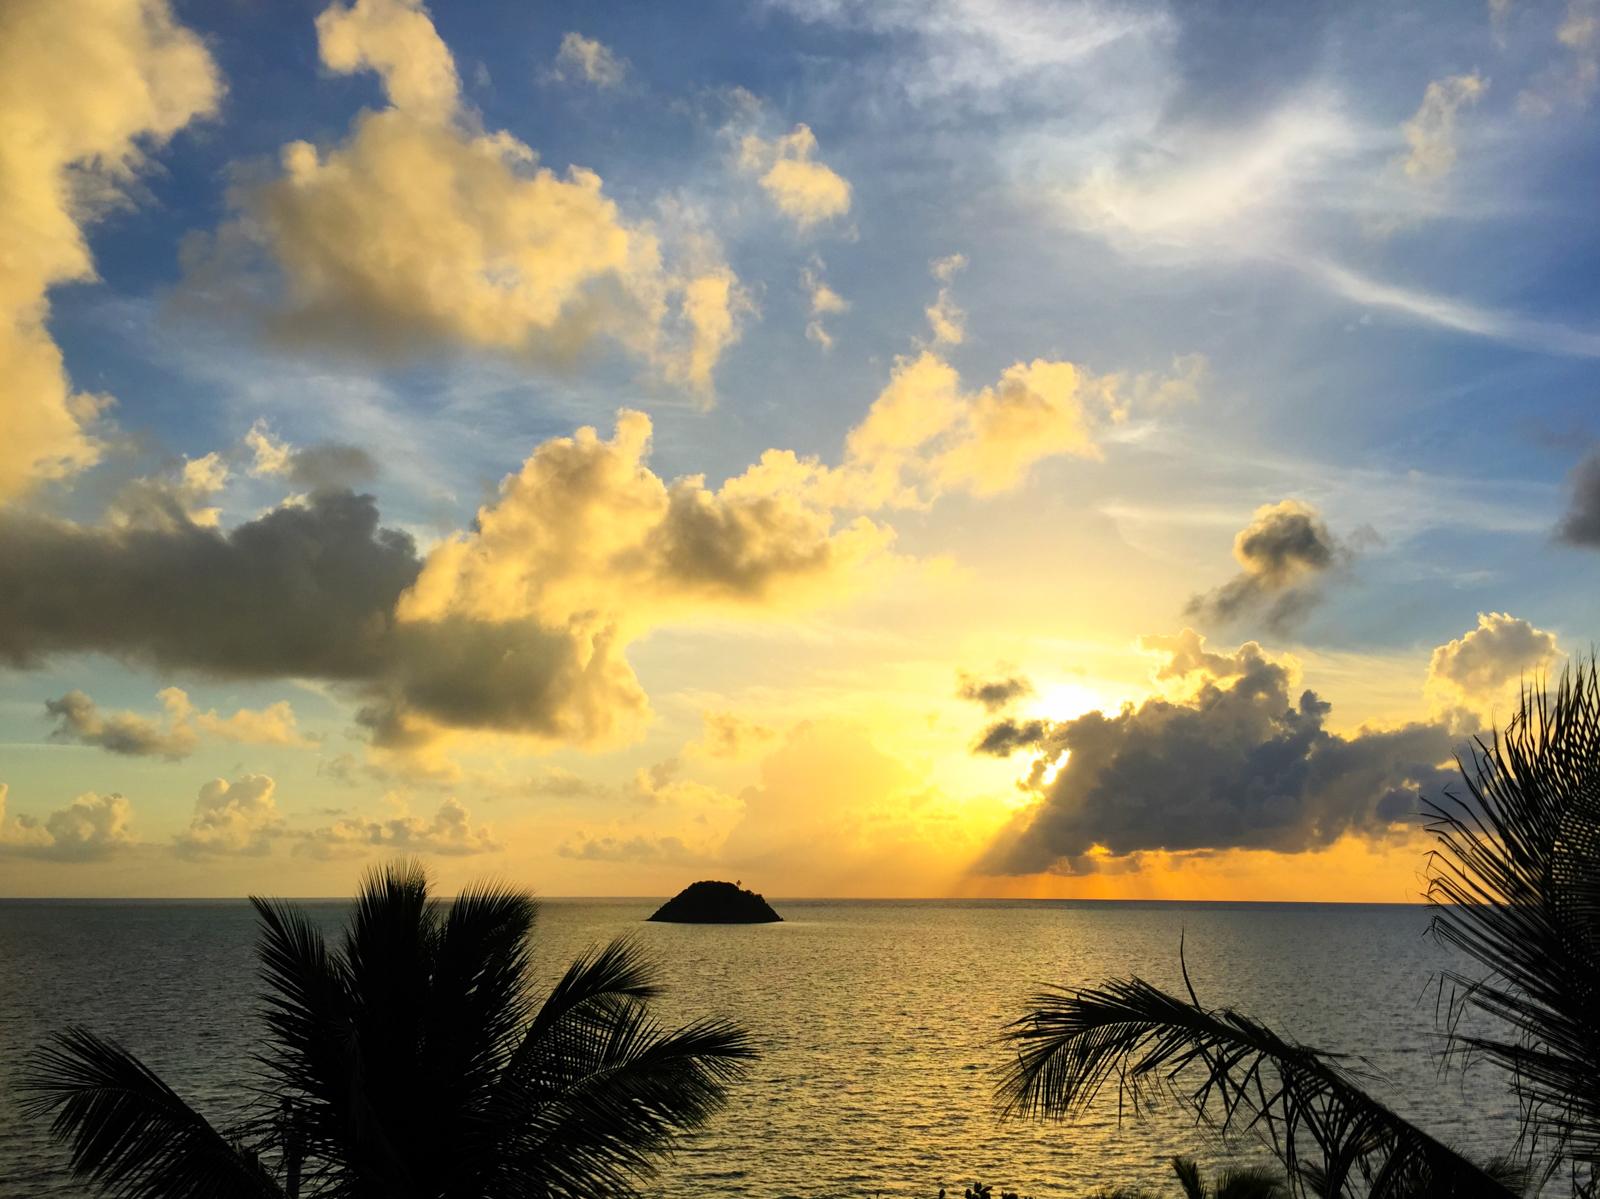 Sunrise in Providencia